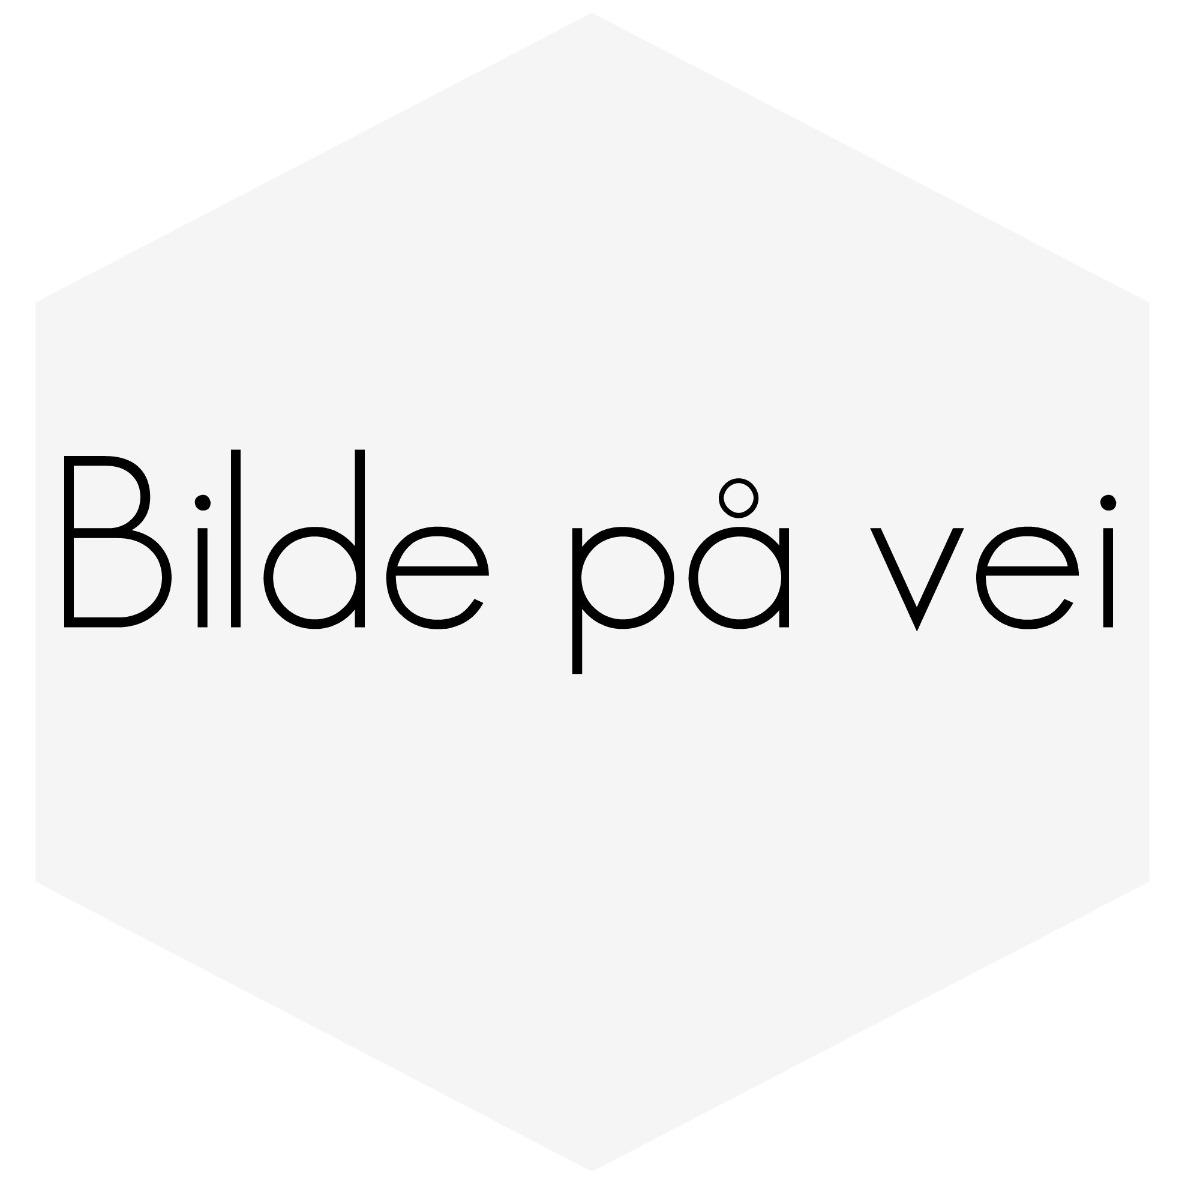 STOL RYGGSIDE STØTTE TIL DIV SPARCO STOLER SVART